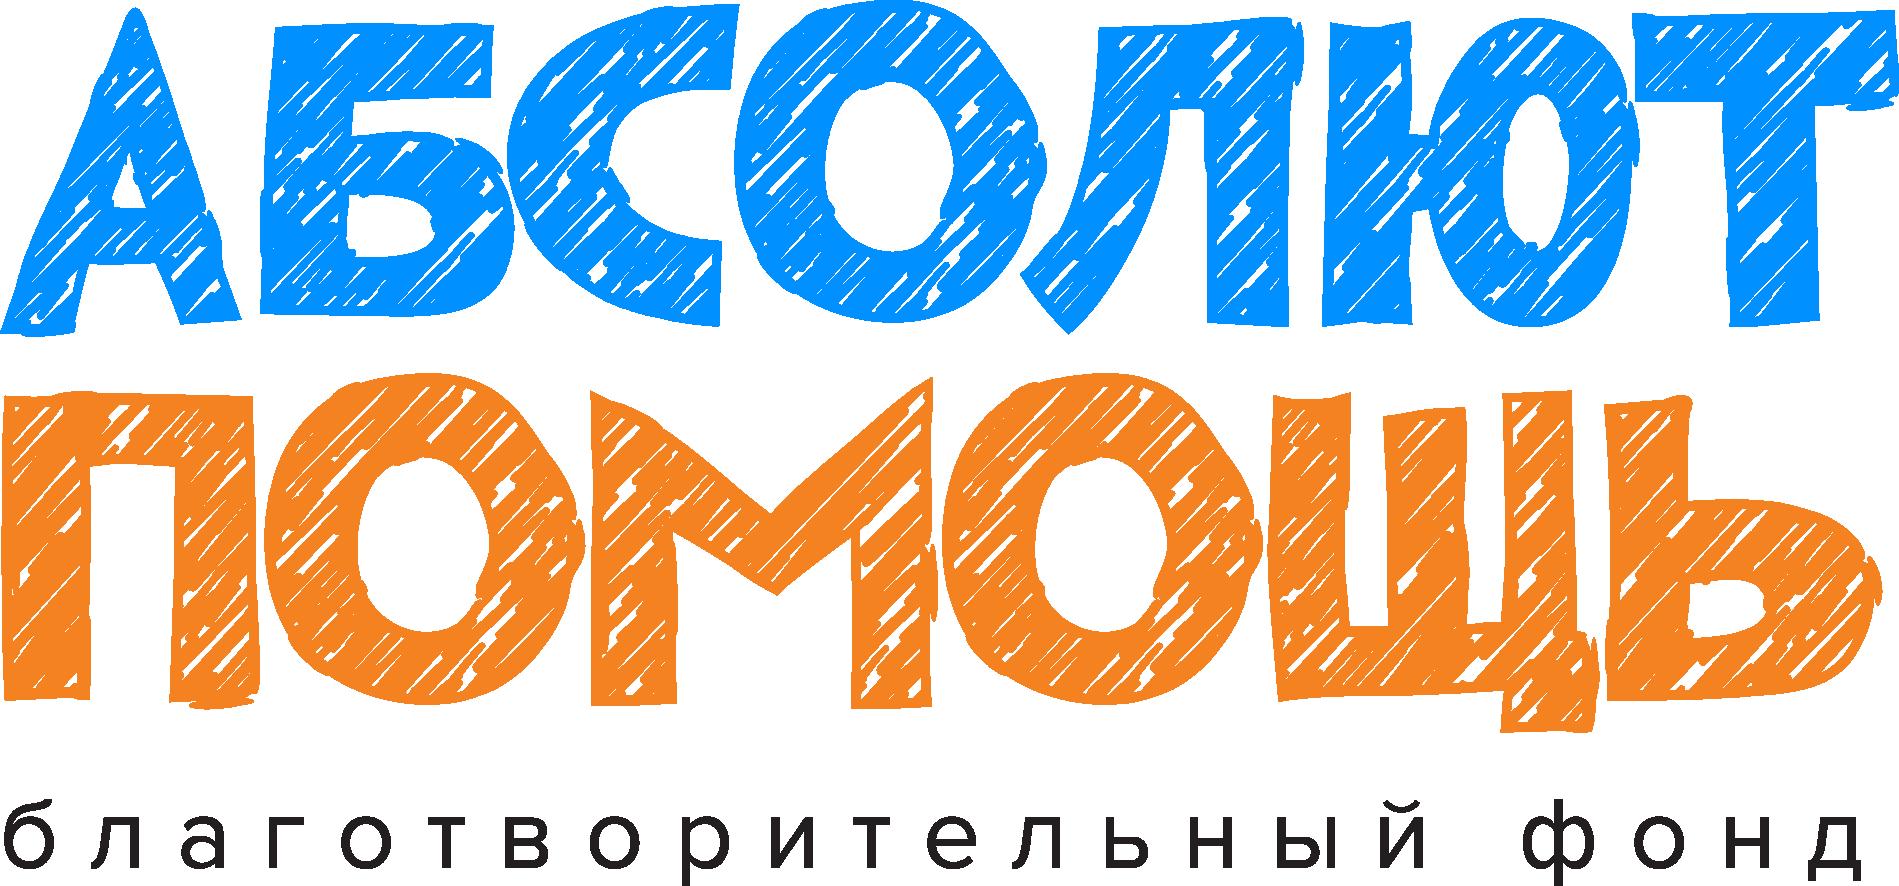 Vertical_Logo_Absolute-Help